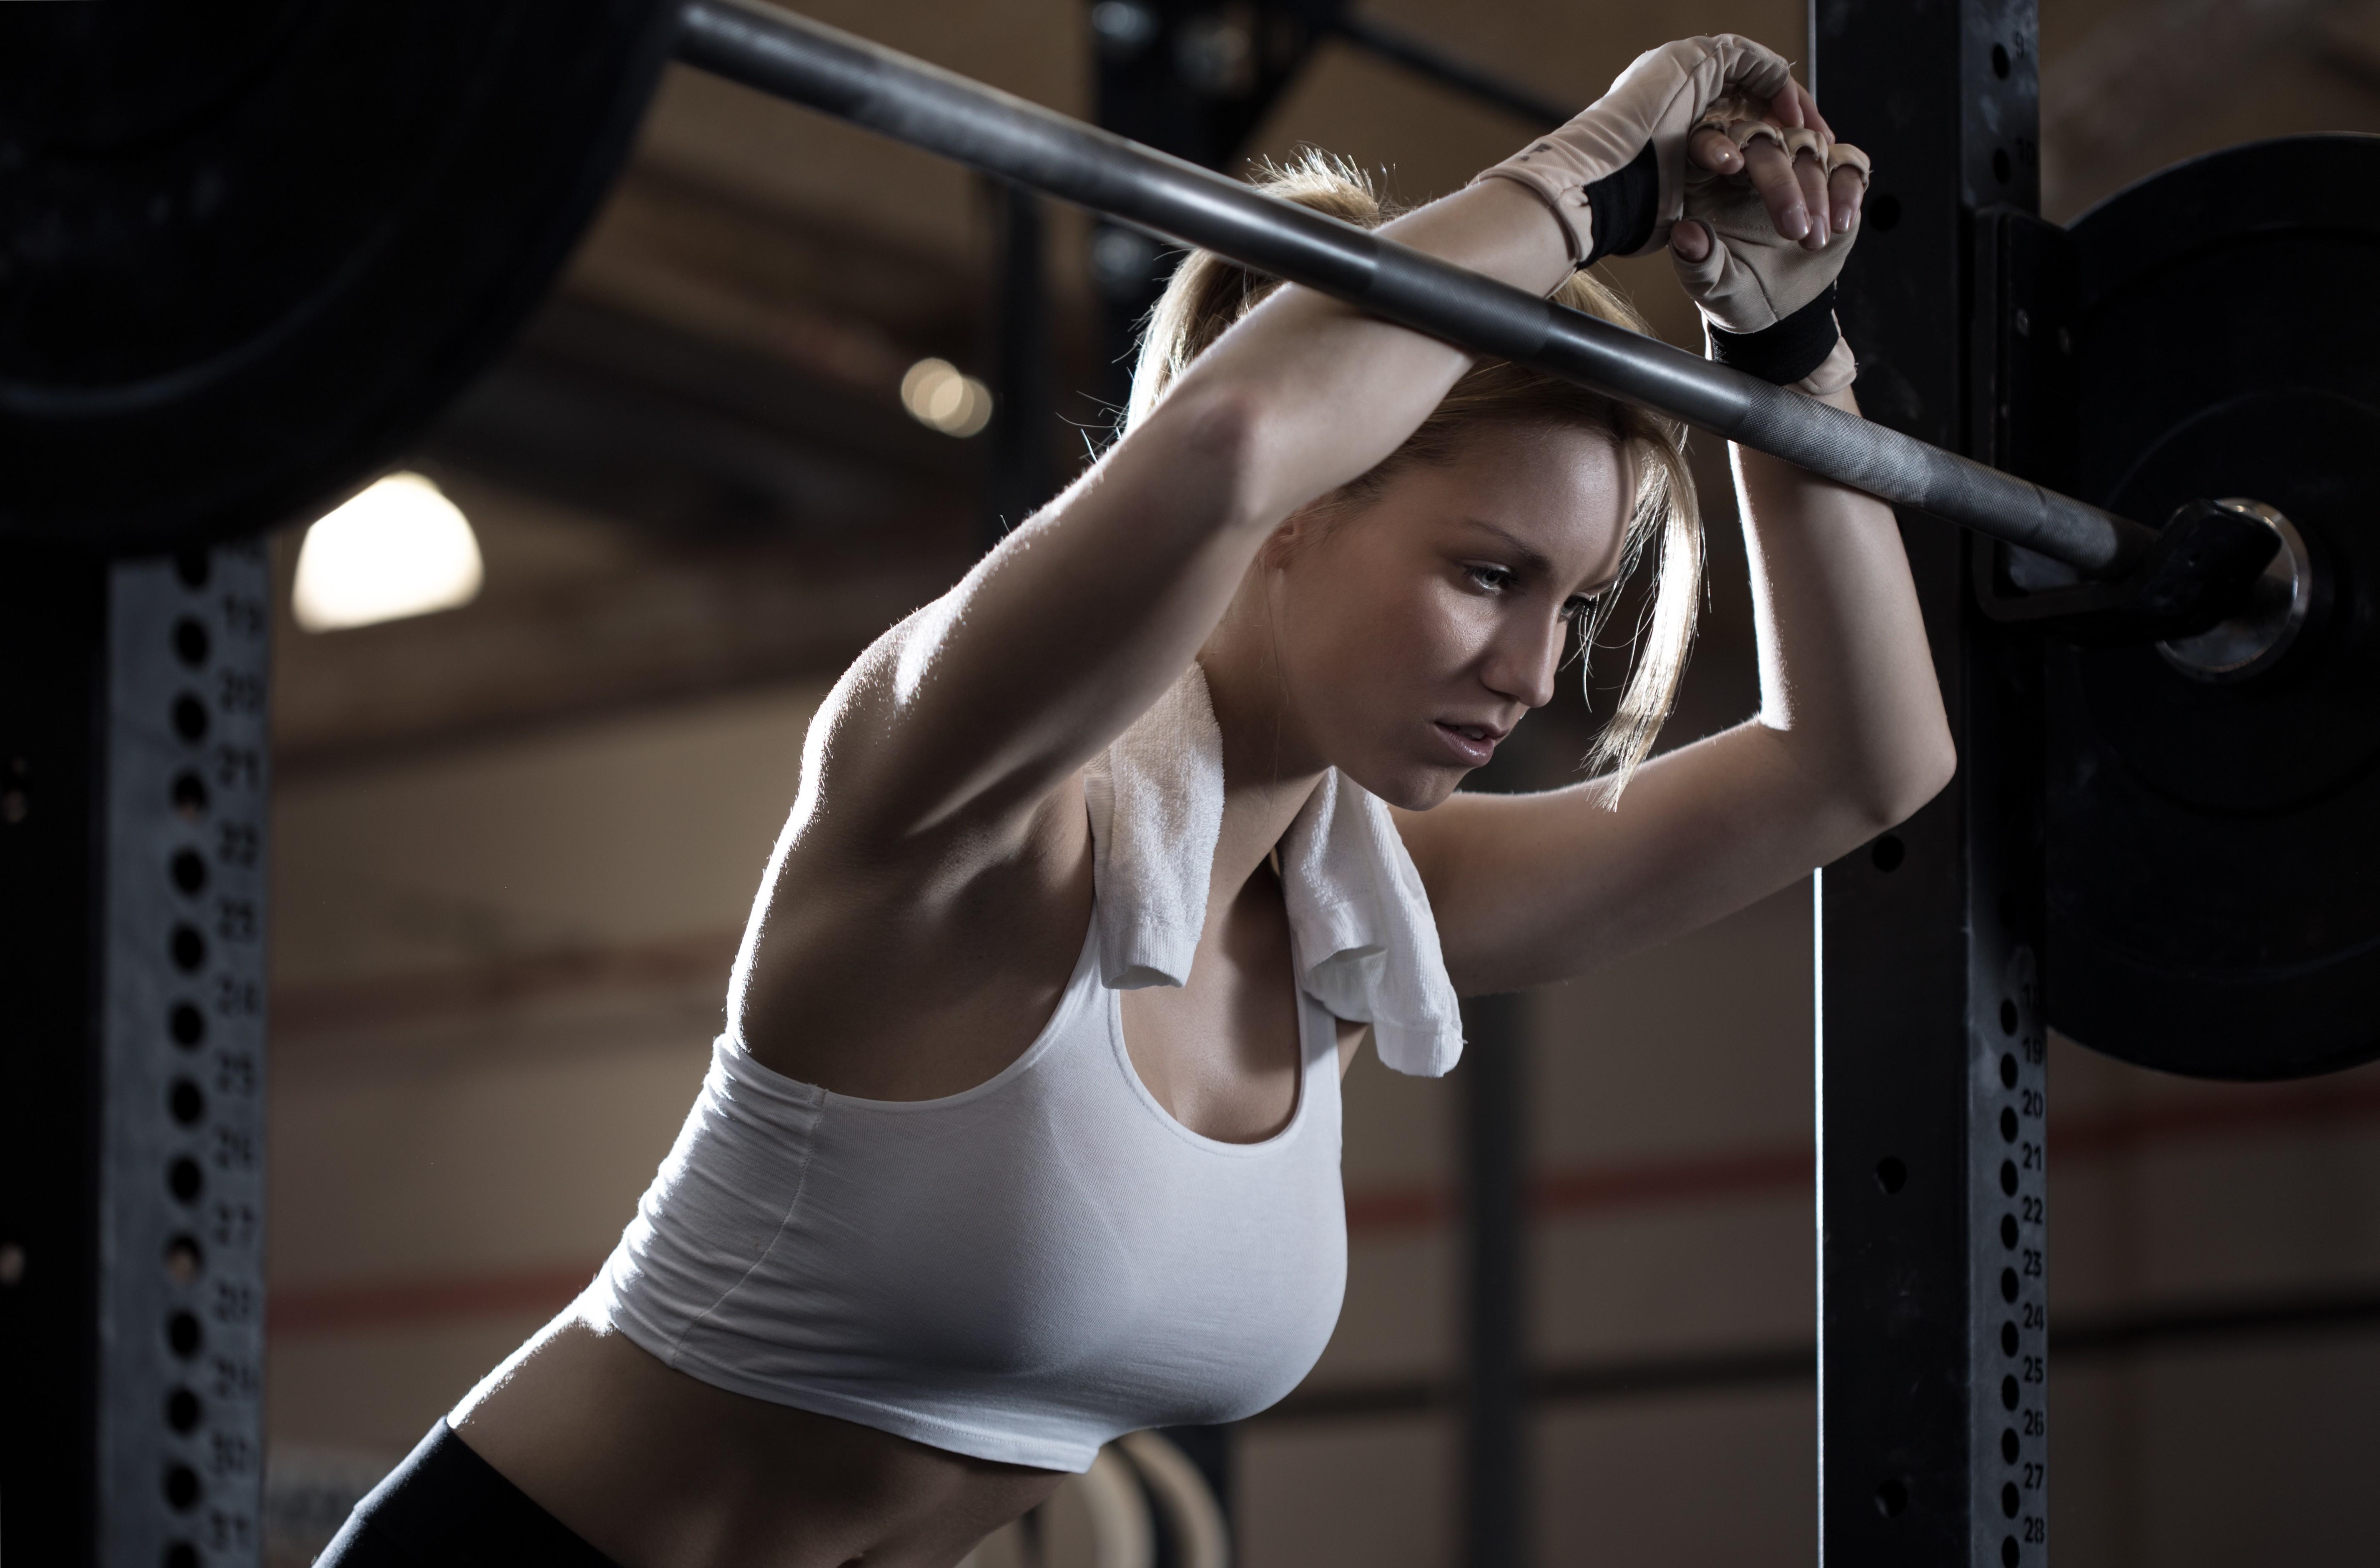 Фитнес 2020. тенденции фитнеса по мнению acsm health & fitness journal